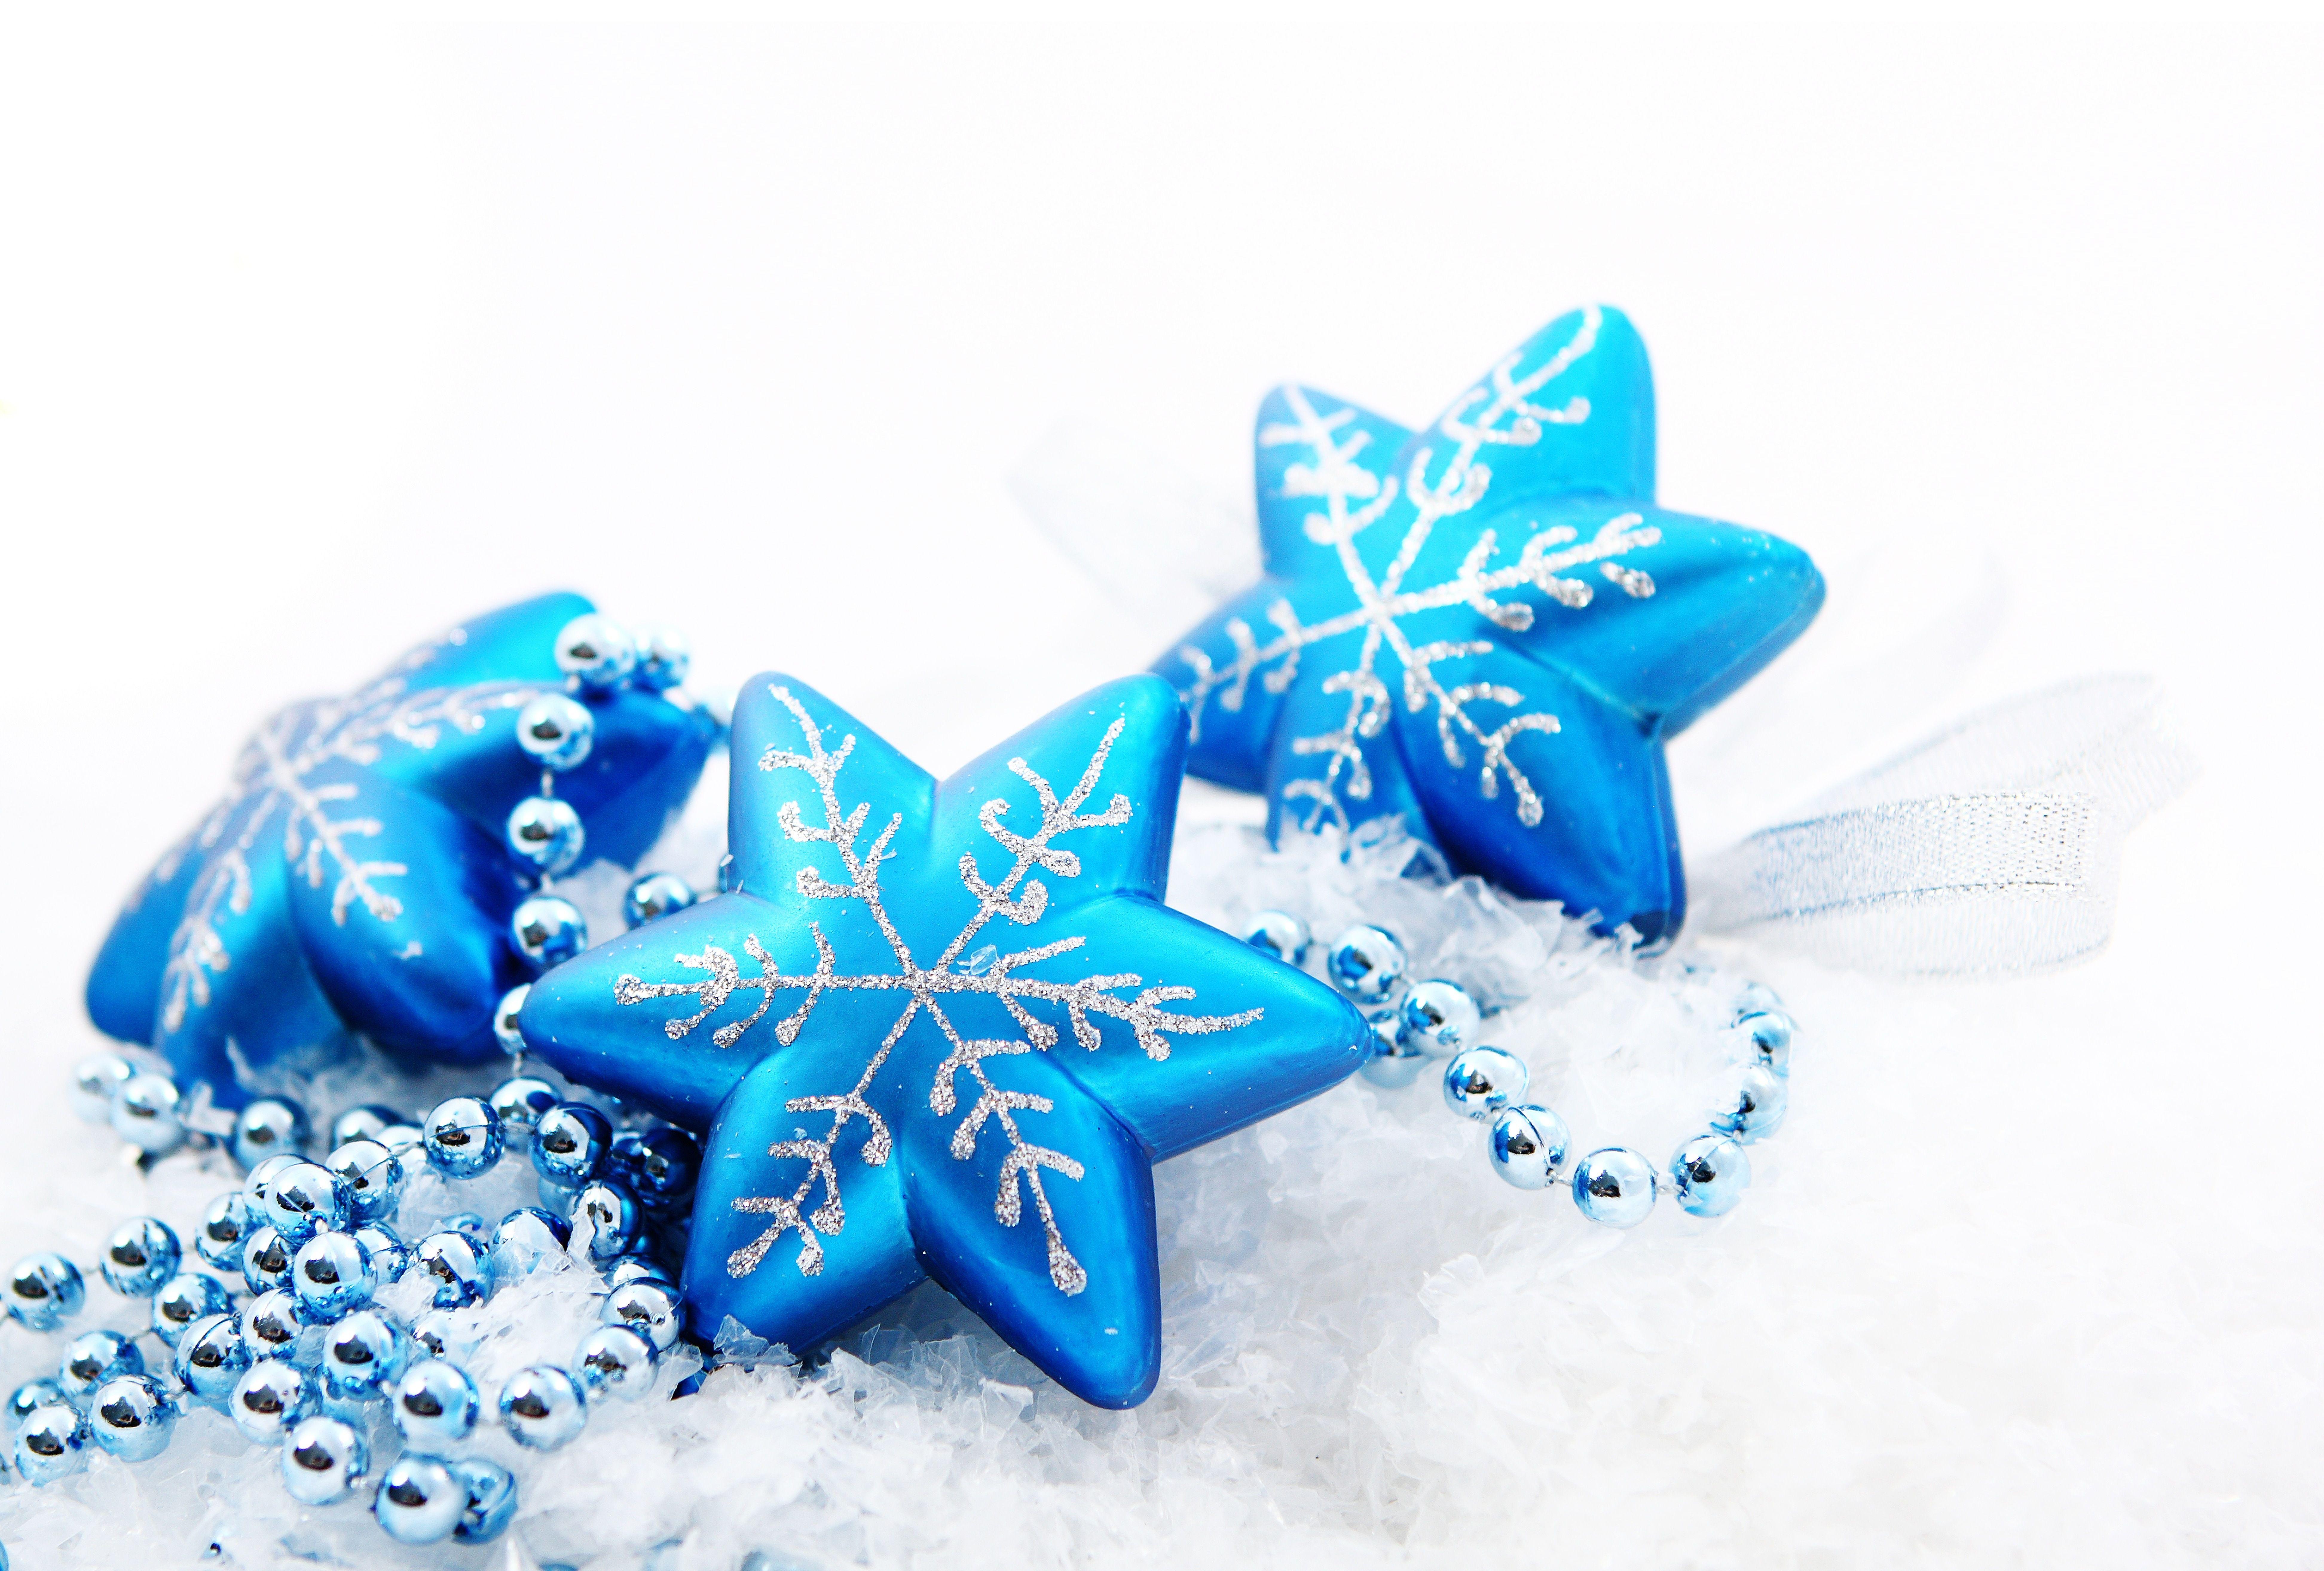 синие игрушки на белой елке бесплатно